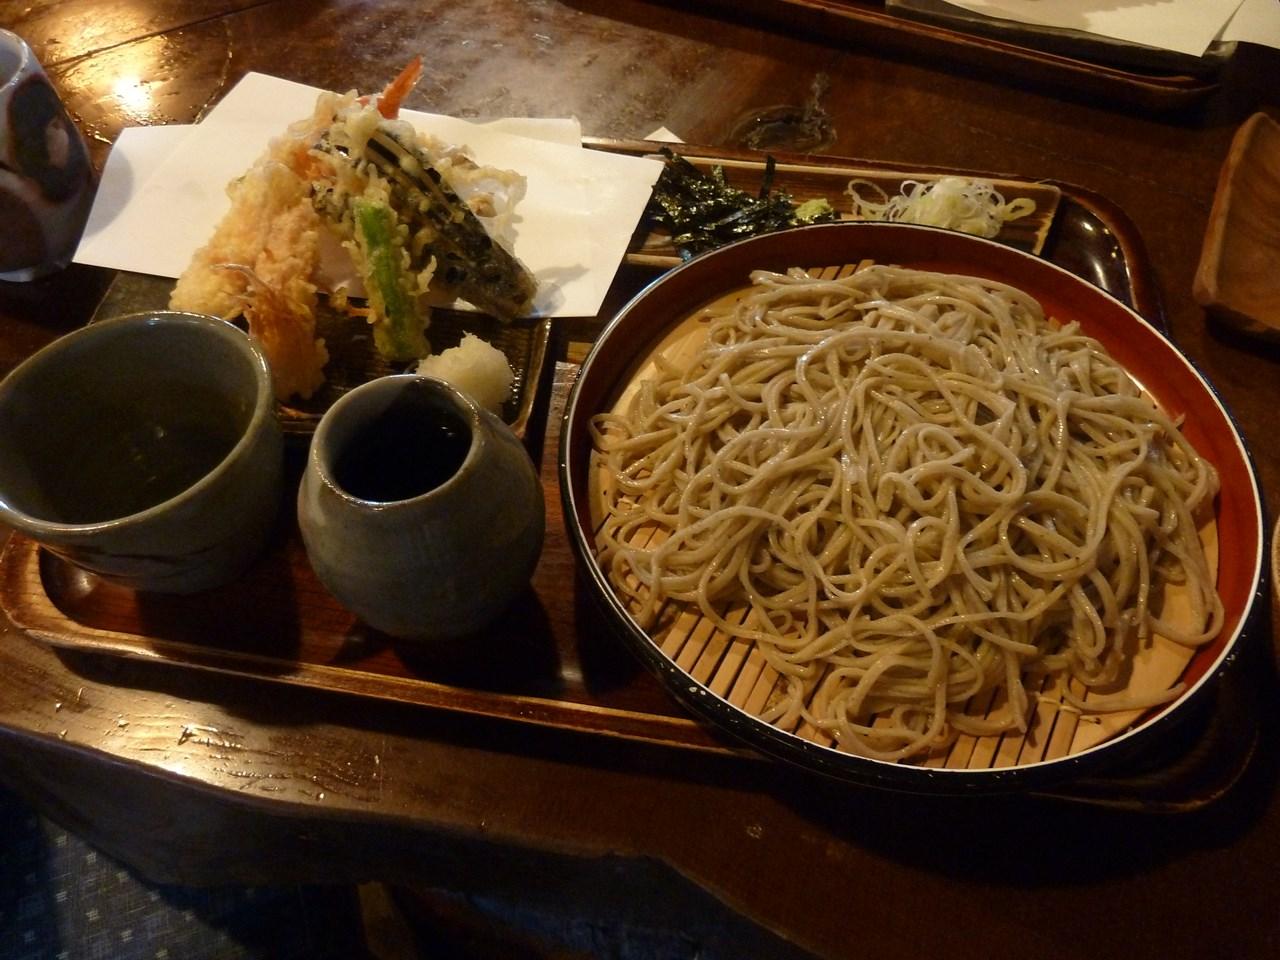 http://www.shintoko.jp/engblog/archives/images/2013/08/130802_gingoro492.jpg